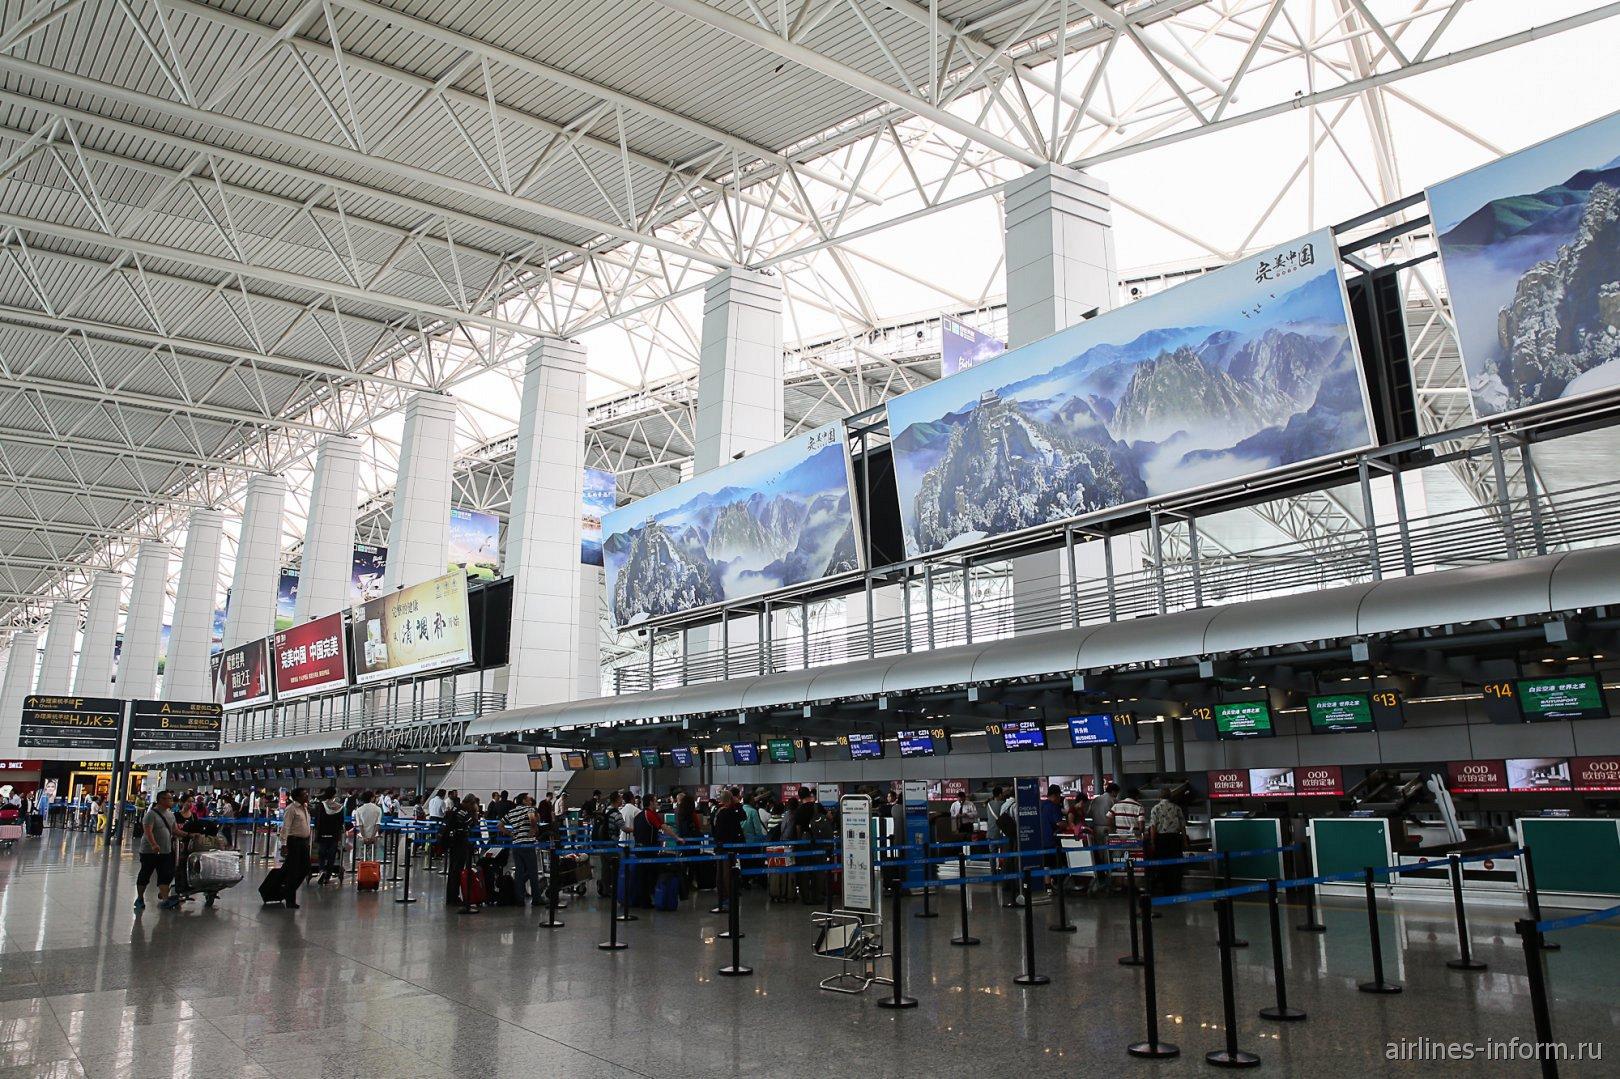 Стойки регистрации в аэропорту Гуанчжоу Байюнь